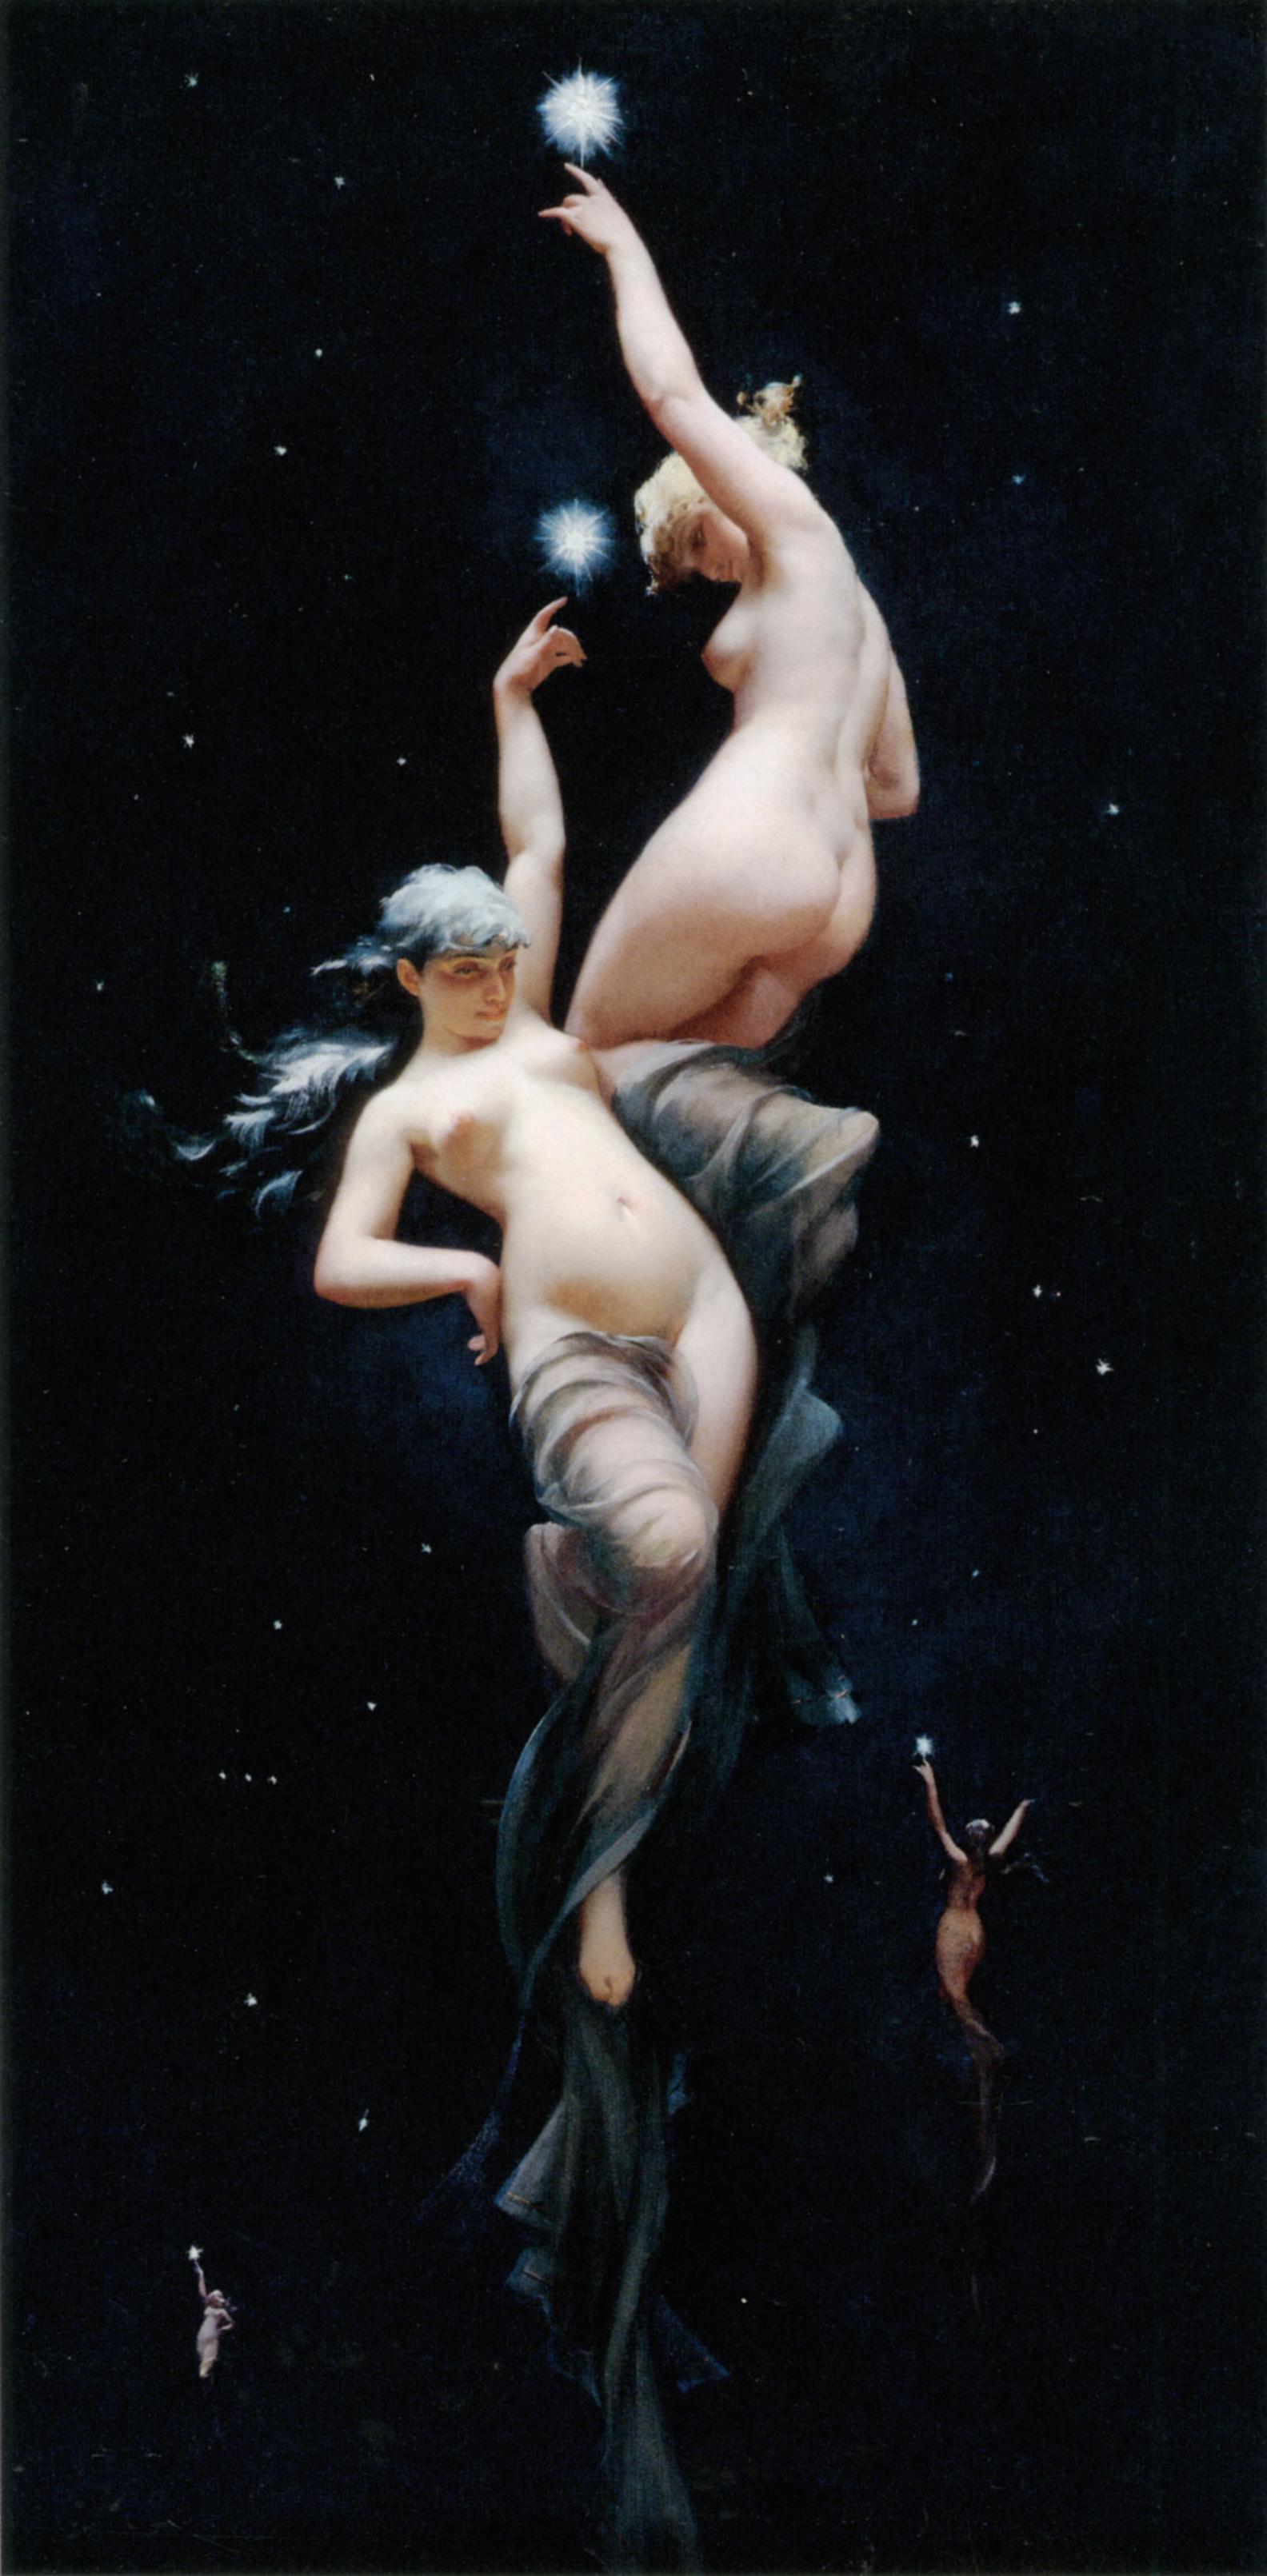 Moonlit Beauties :: Luis Ricardo Falero - Fantasy in art and painting ôîòî